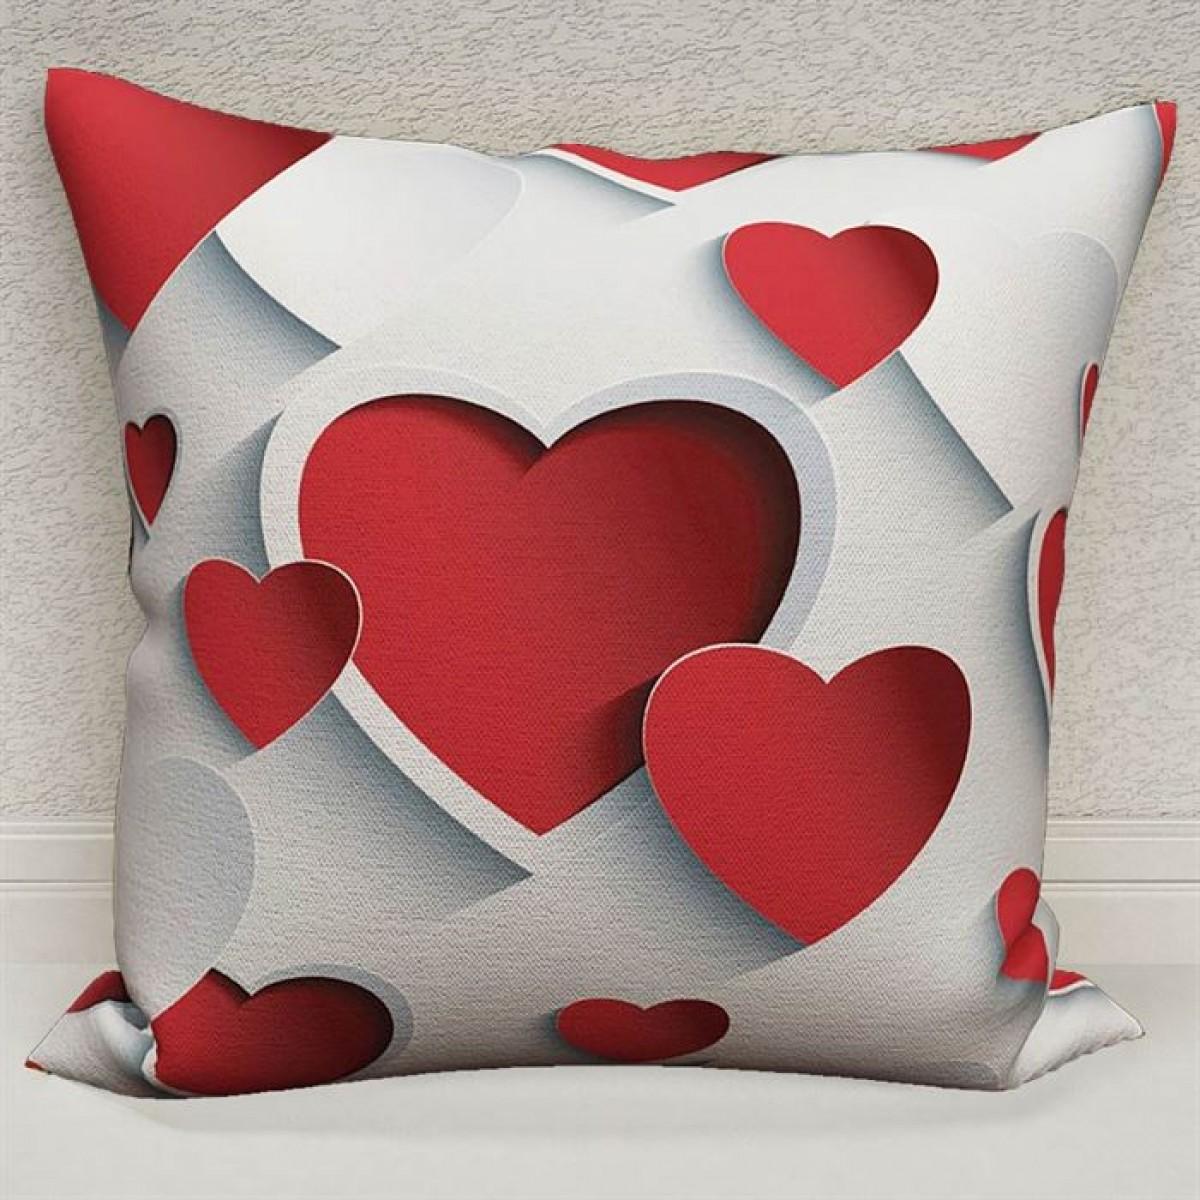 Kız Çocuk Odası - 3D Kalpler  Baskılı Kırlent Kılıfı (Çift Taraflı)